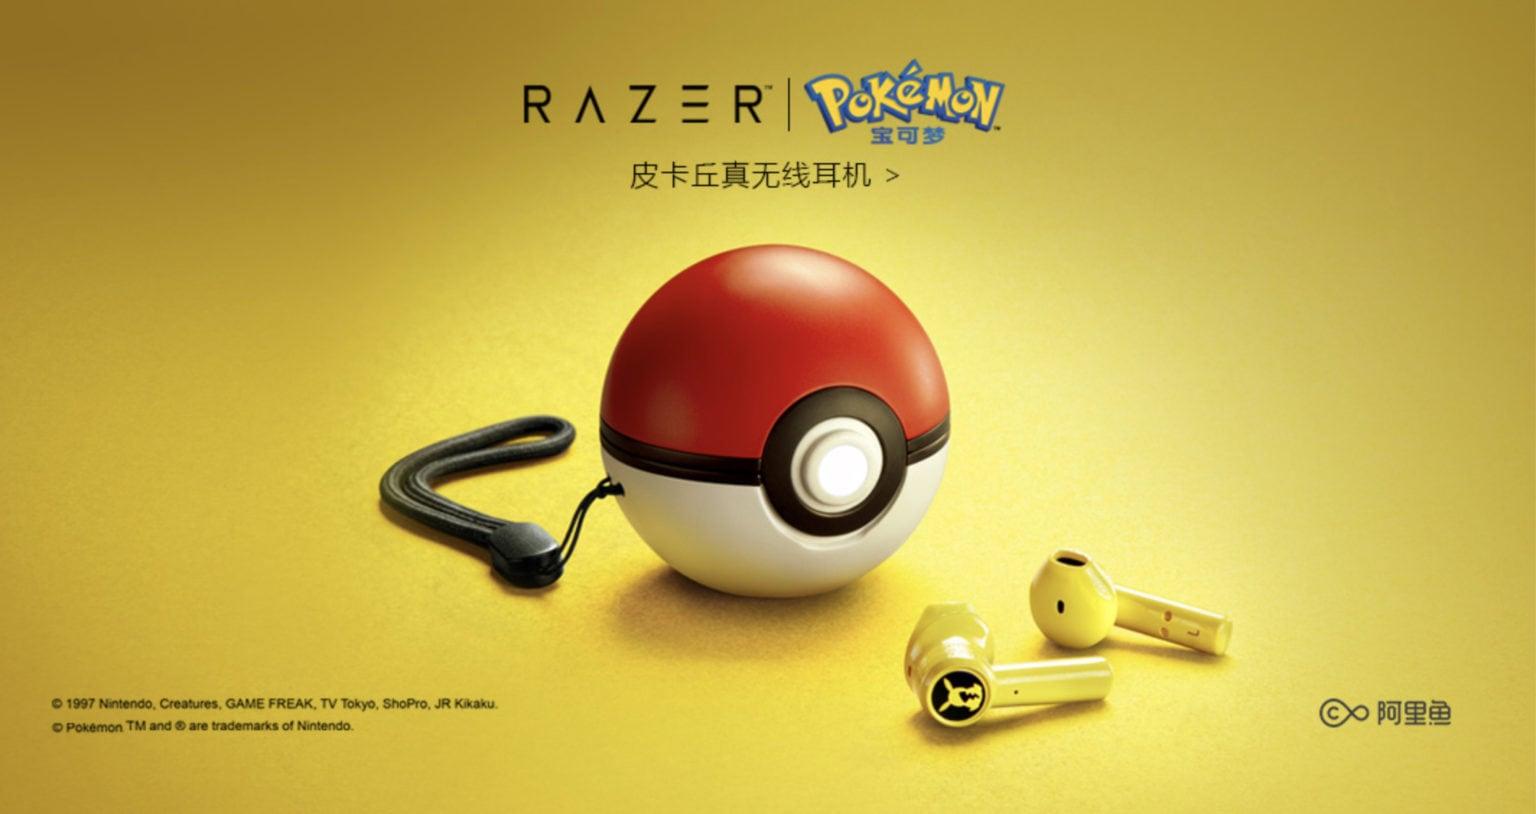 Razer-Pokemon-earbuds